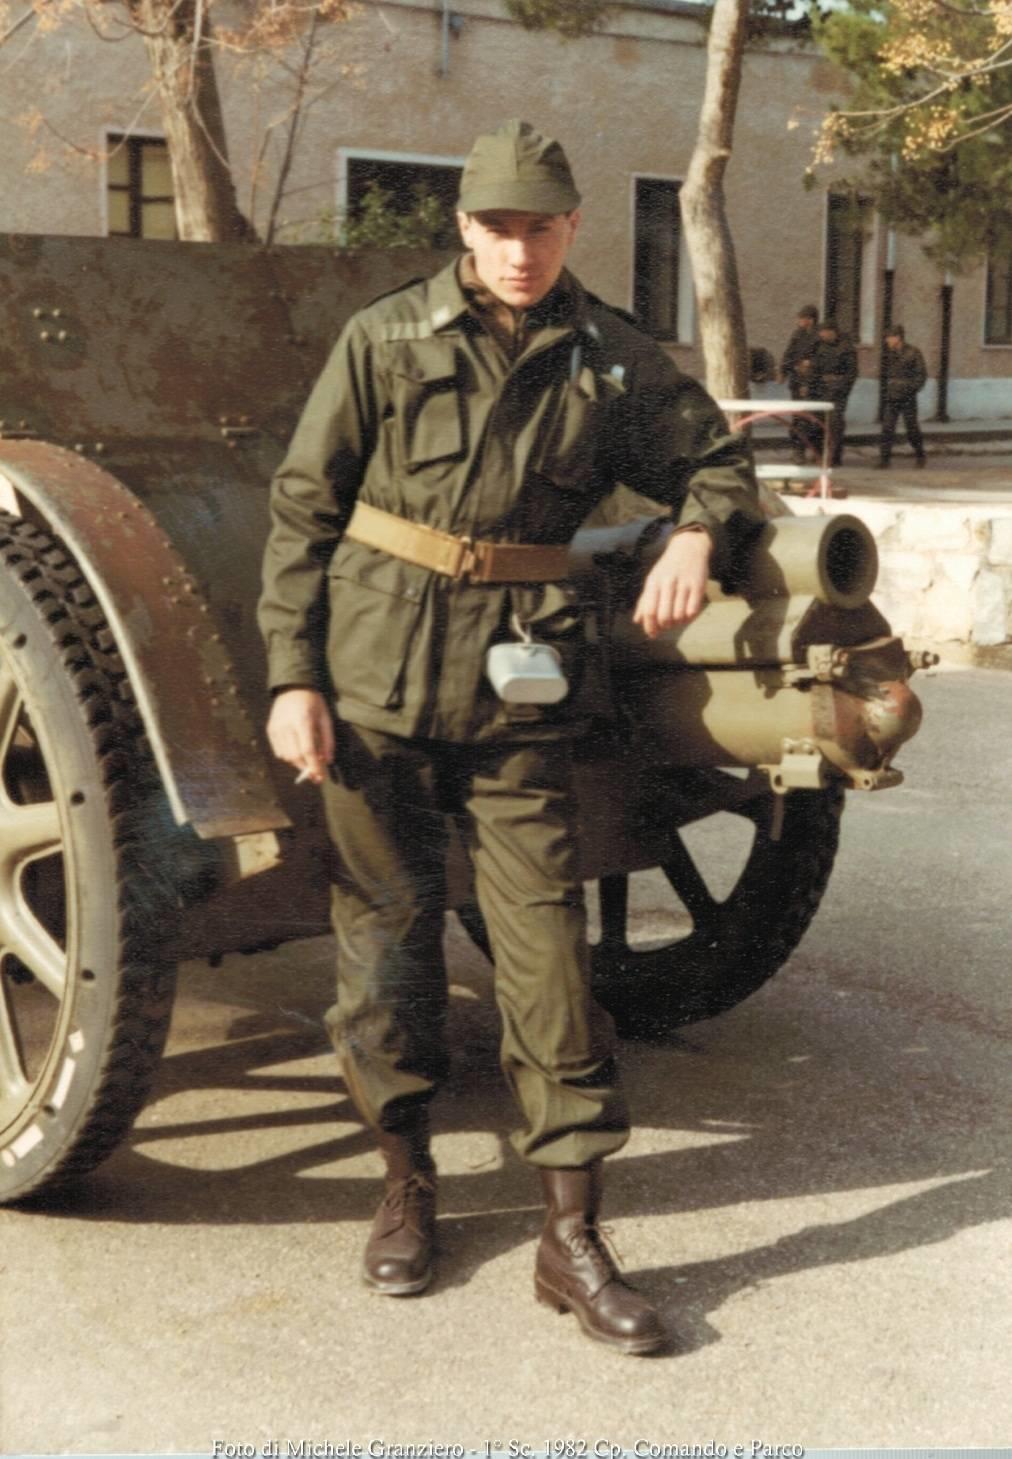 Michele Granziero